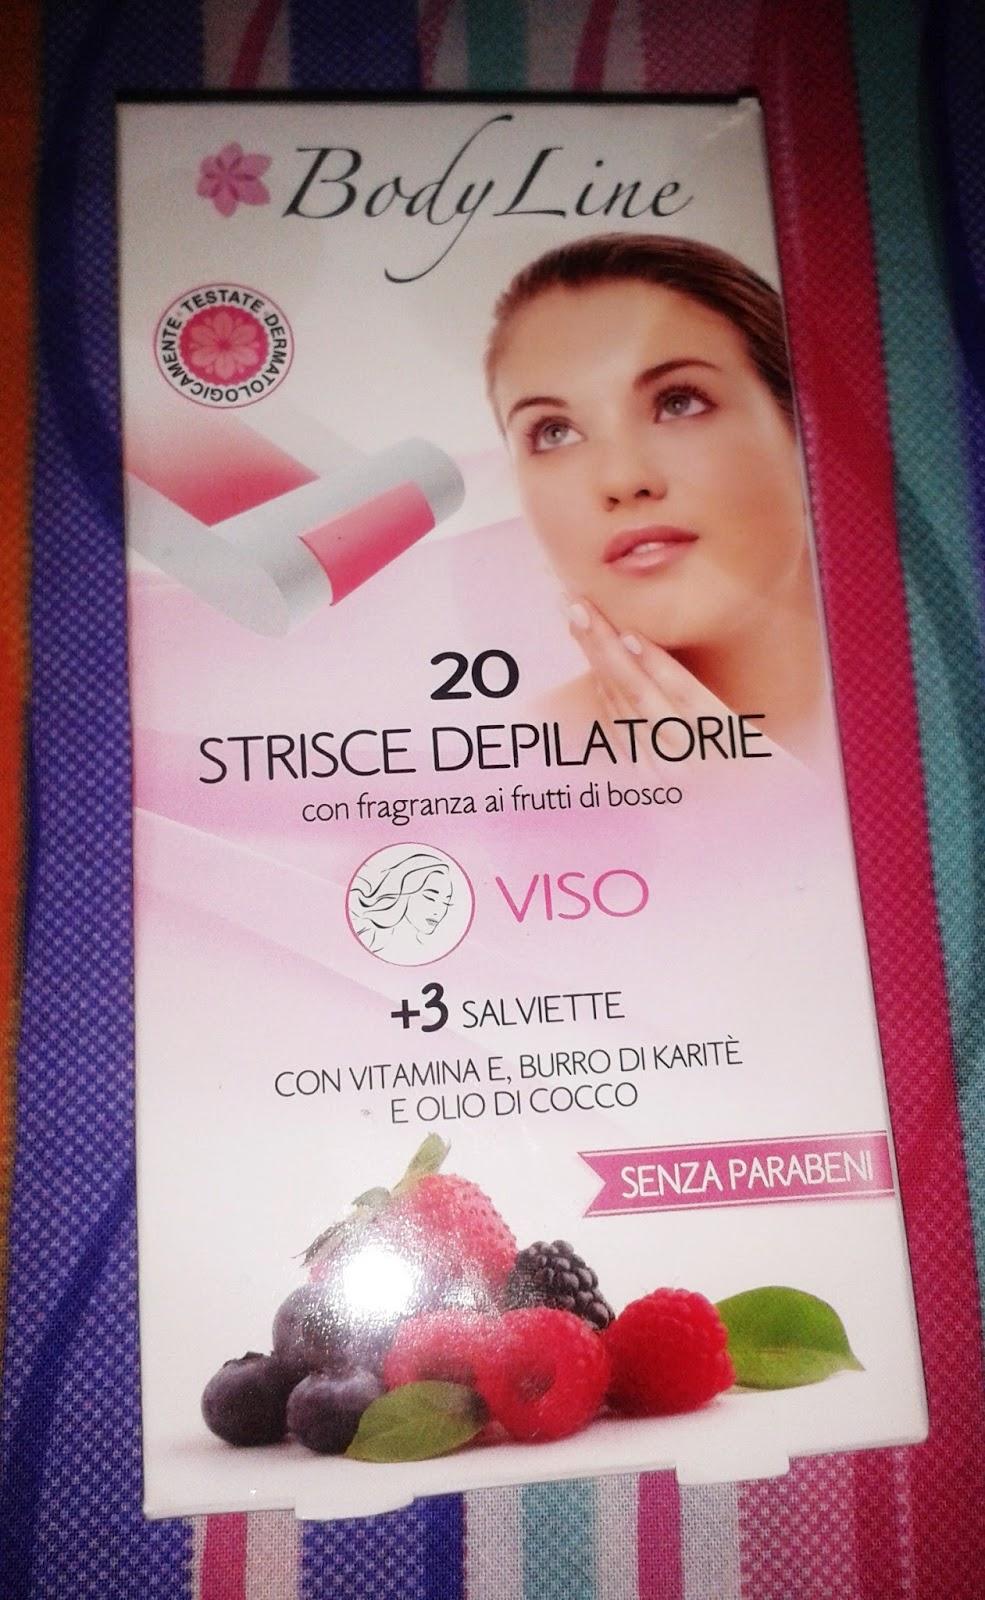 Make up e dintorni semaforo review strisce depilatori body line gel anti imperfezioni al tea - Divano letto offerta eurospin ...